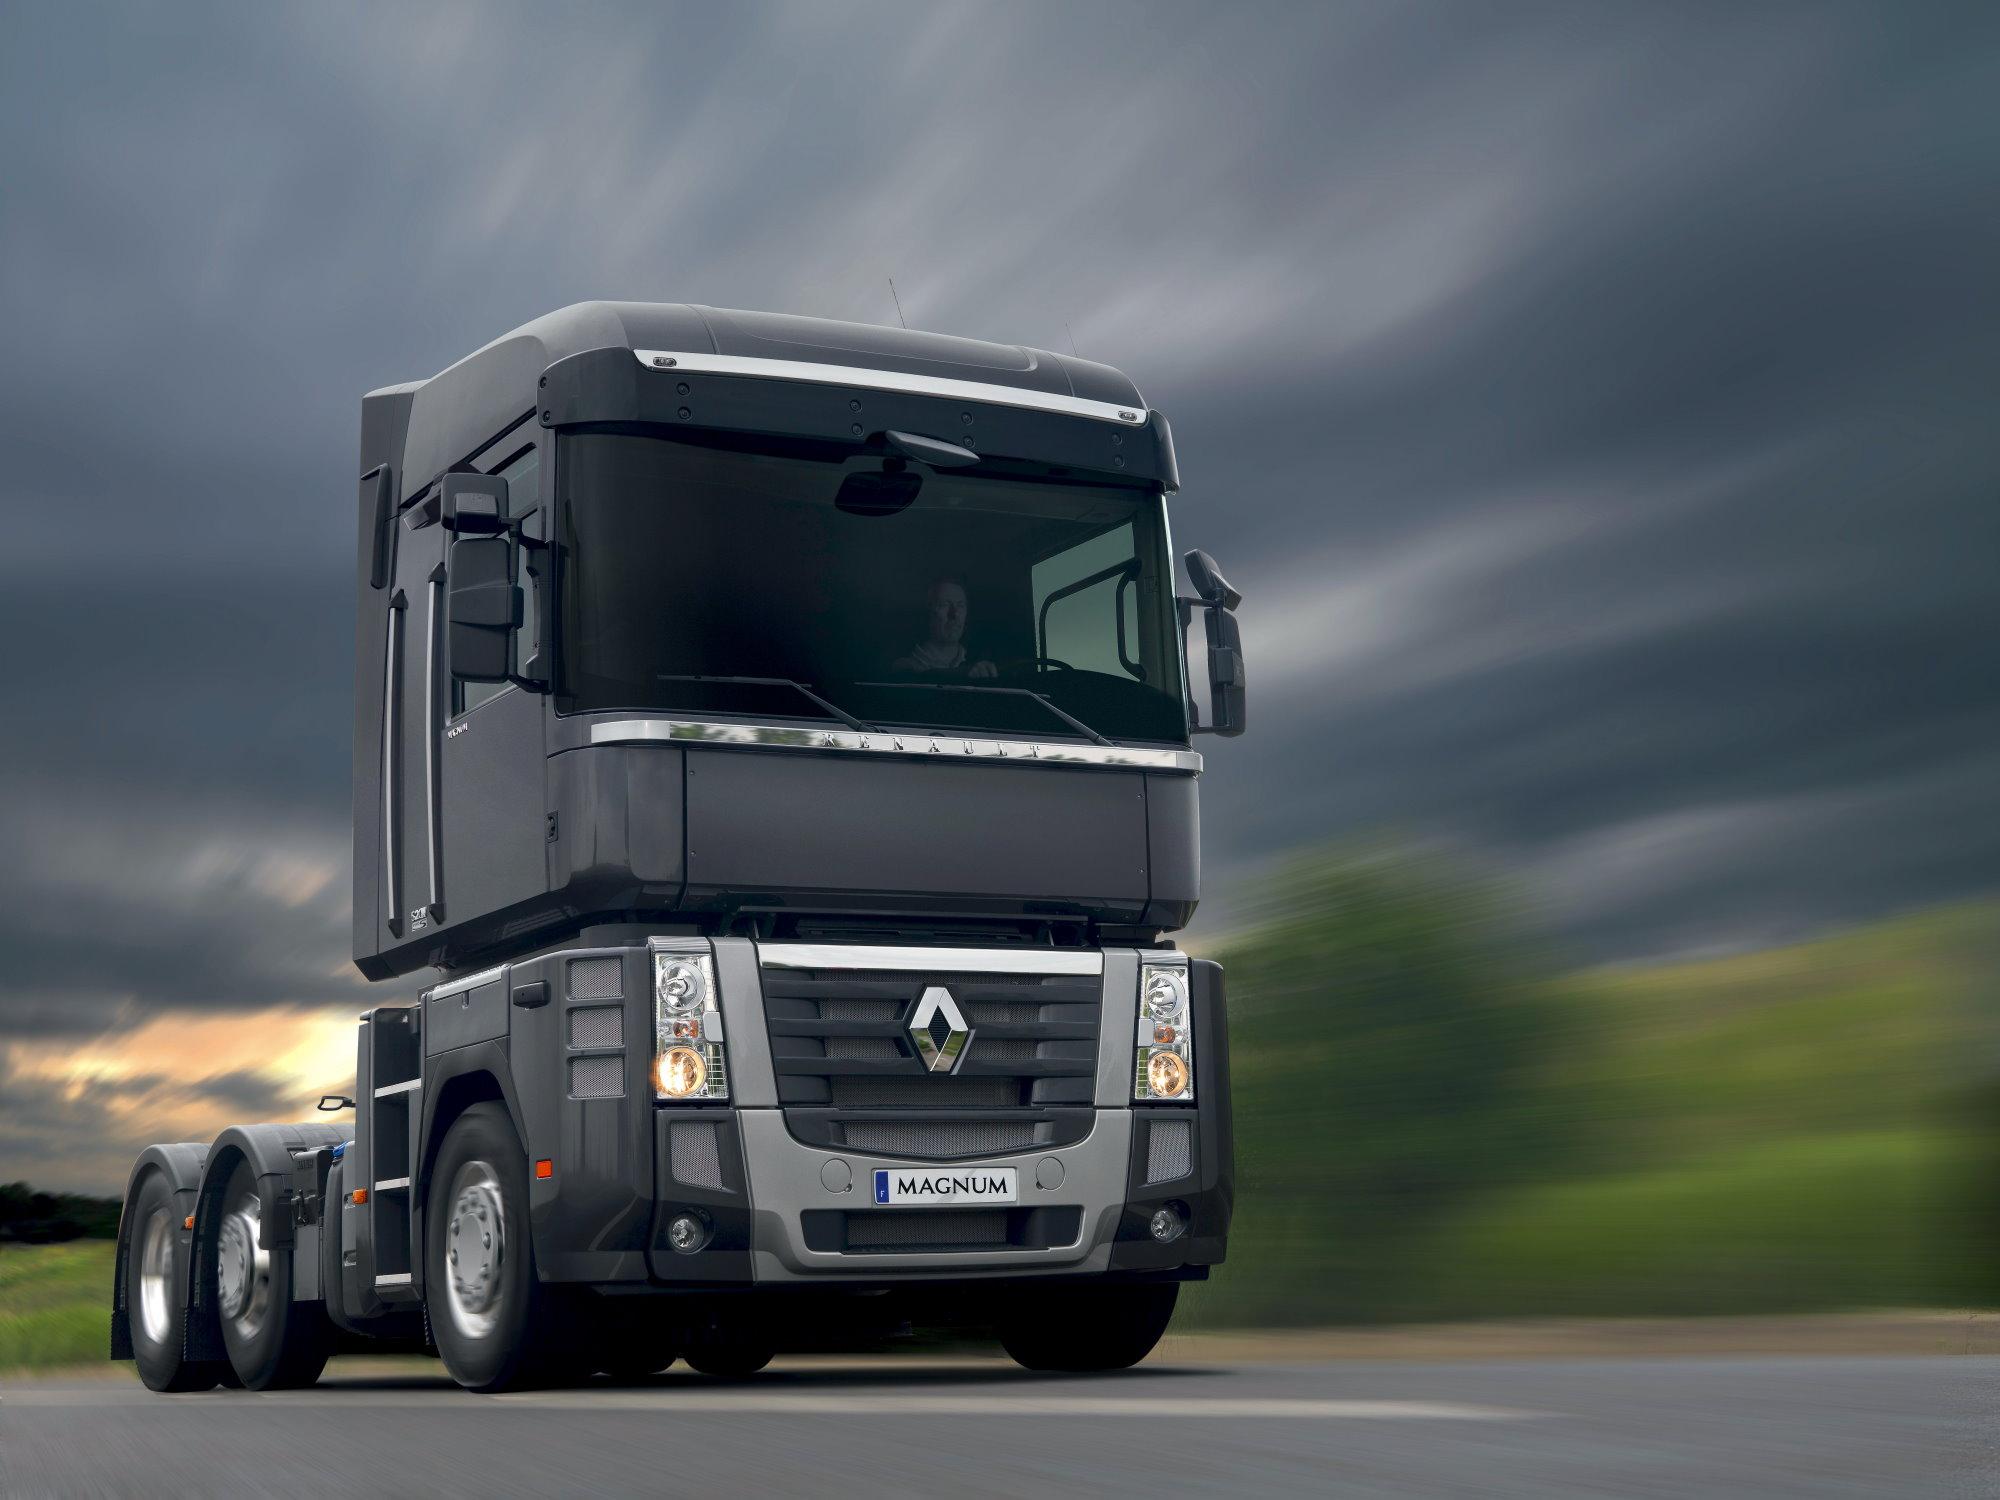 chauffage webasto pour camion vente chauffage autonome auto. Black Bedroom Furniture Sets. Home Design Ideas